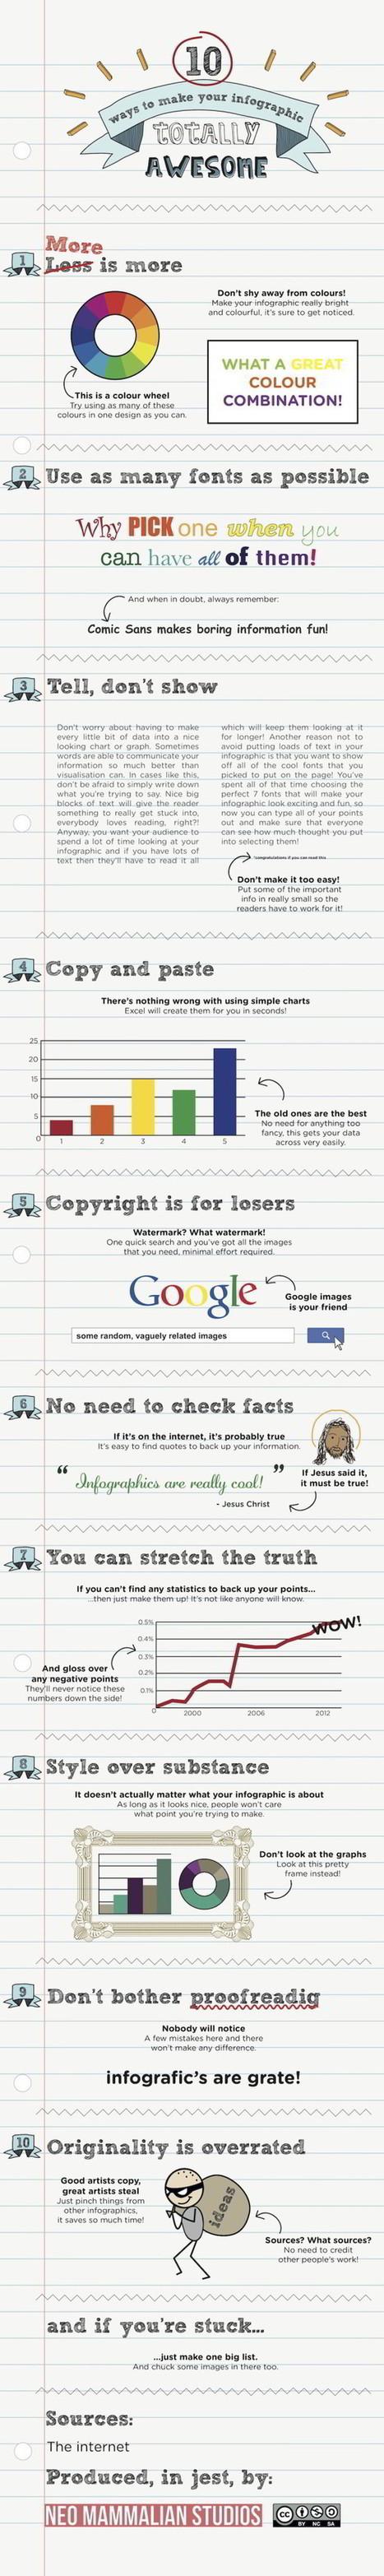 10 manières de rater vos infographies - Choblab | DataVizz | Scoop.it